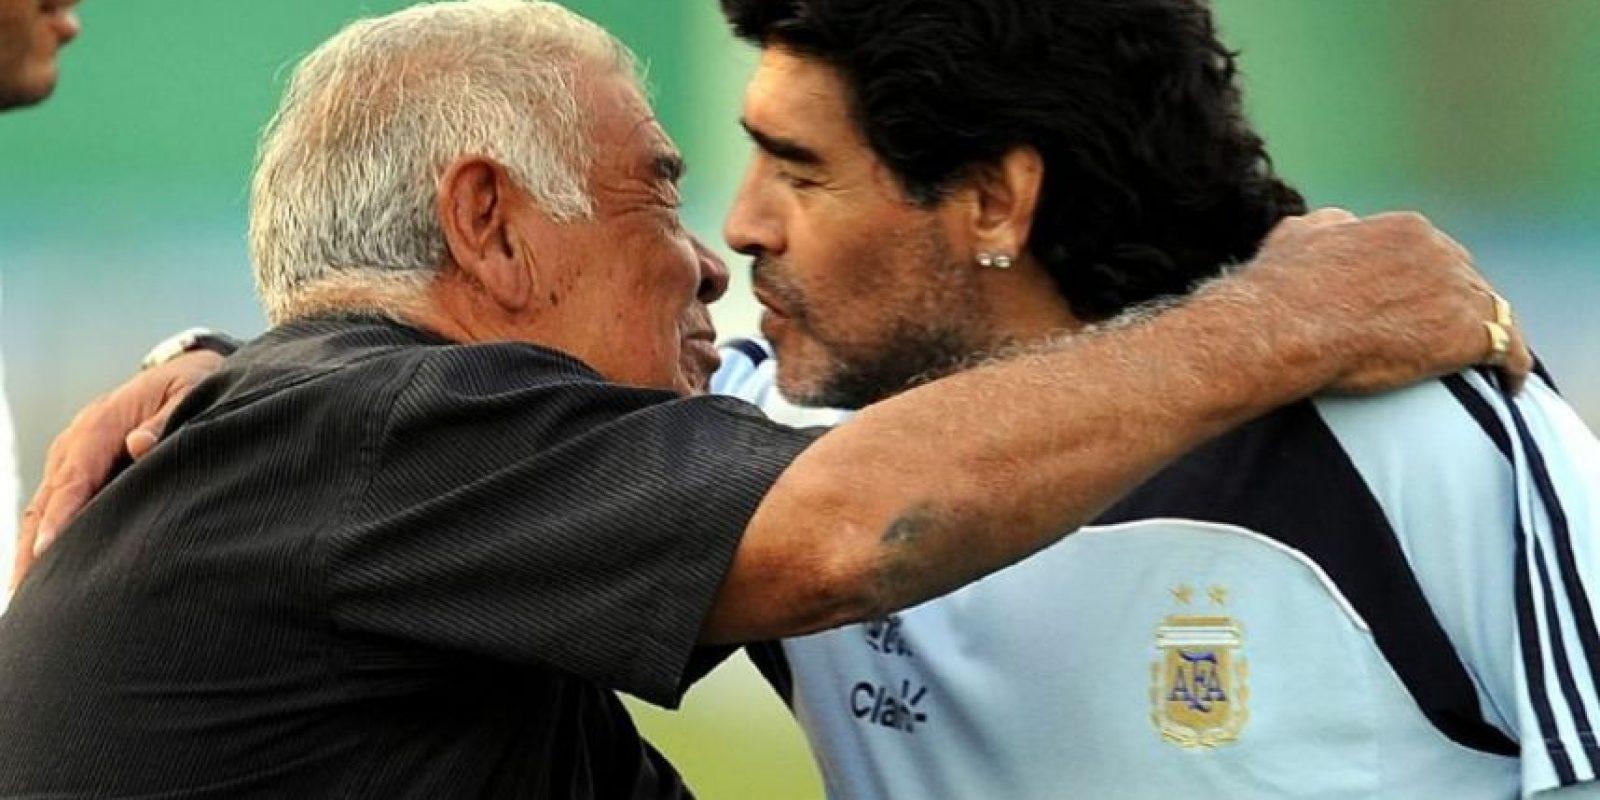 El padre de Maradona murió a los 87 años después de varios días de estar hospitalizado por problemas respiratorios y cardiovasculares. Foto:AFP